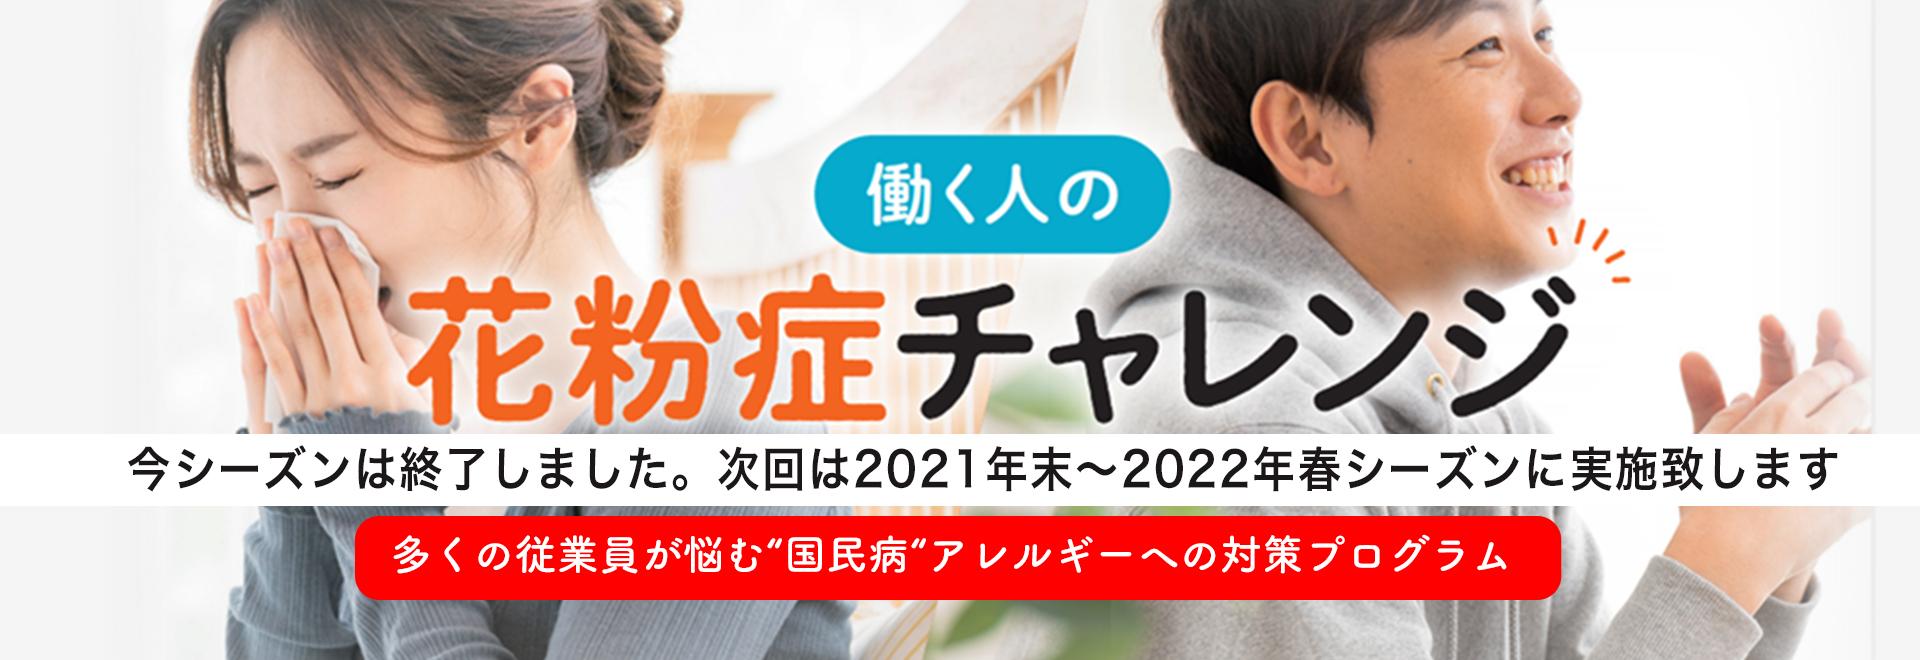 main-Jun-01-2021-02-50-06-94-AM